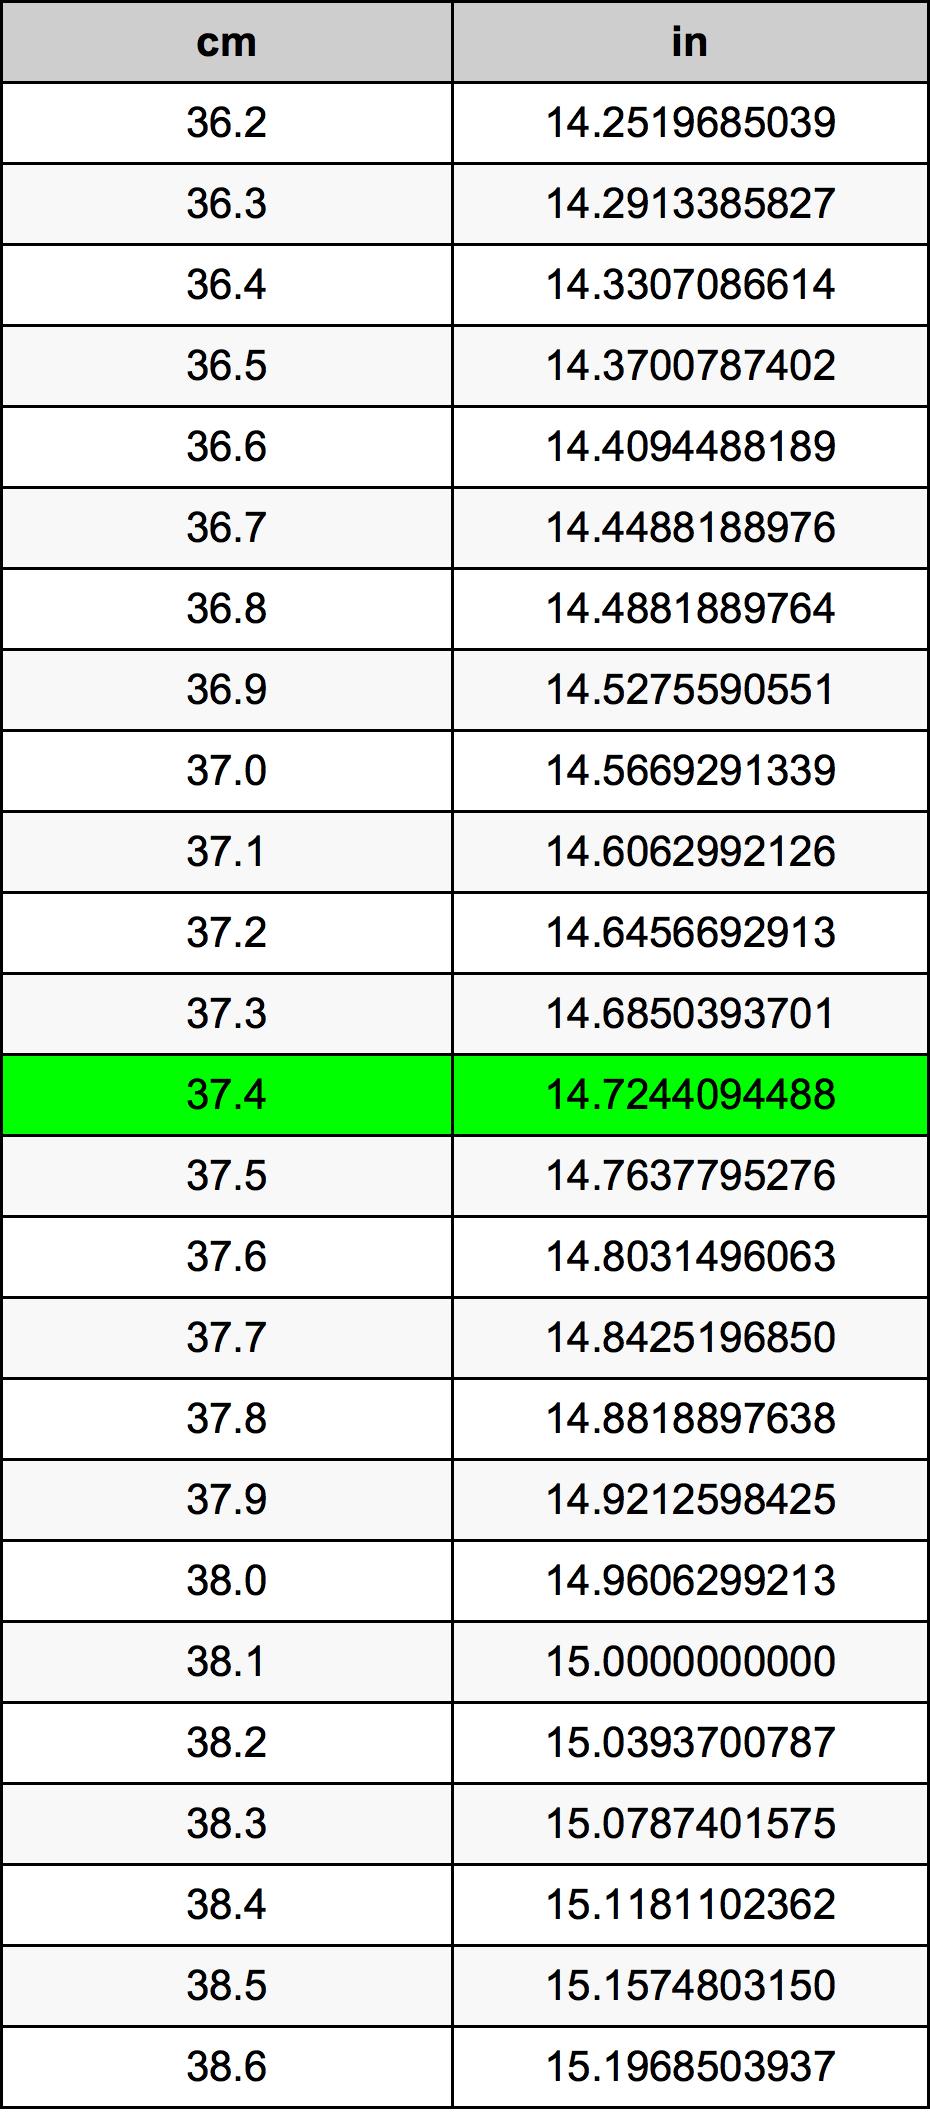 37.4厘米換算表